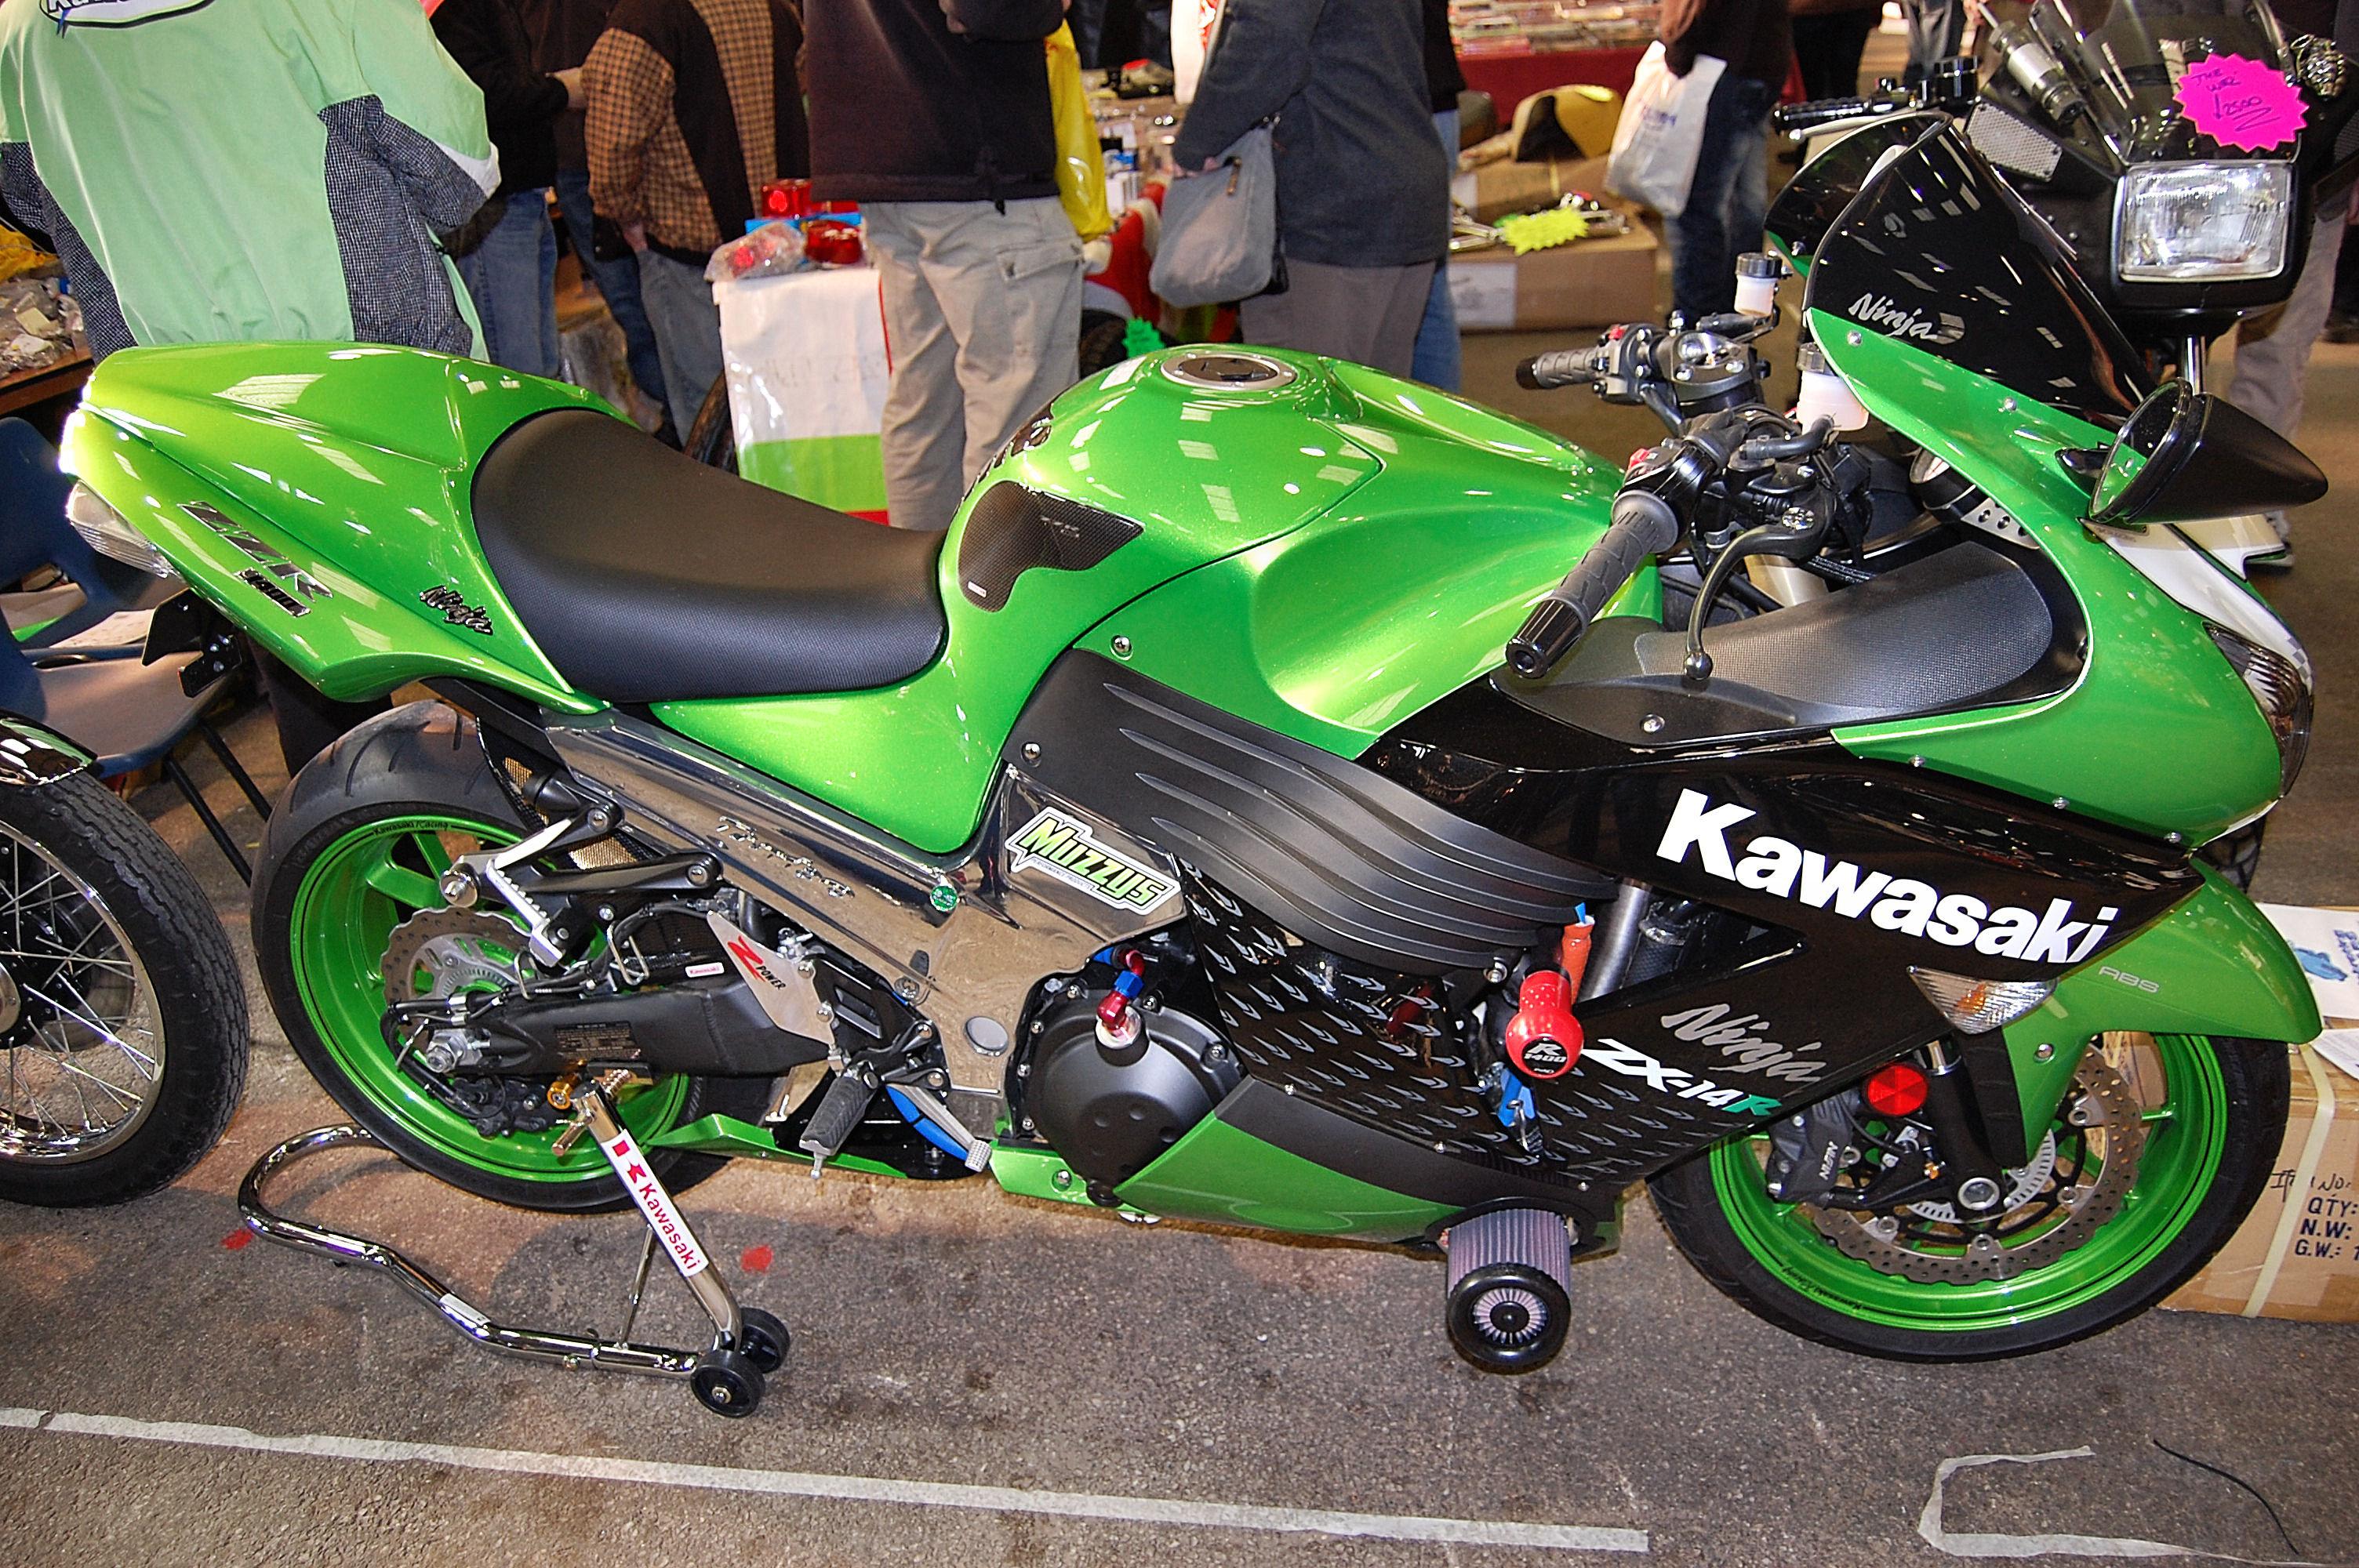 KAWASAKI NINJA ZX-14 green